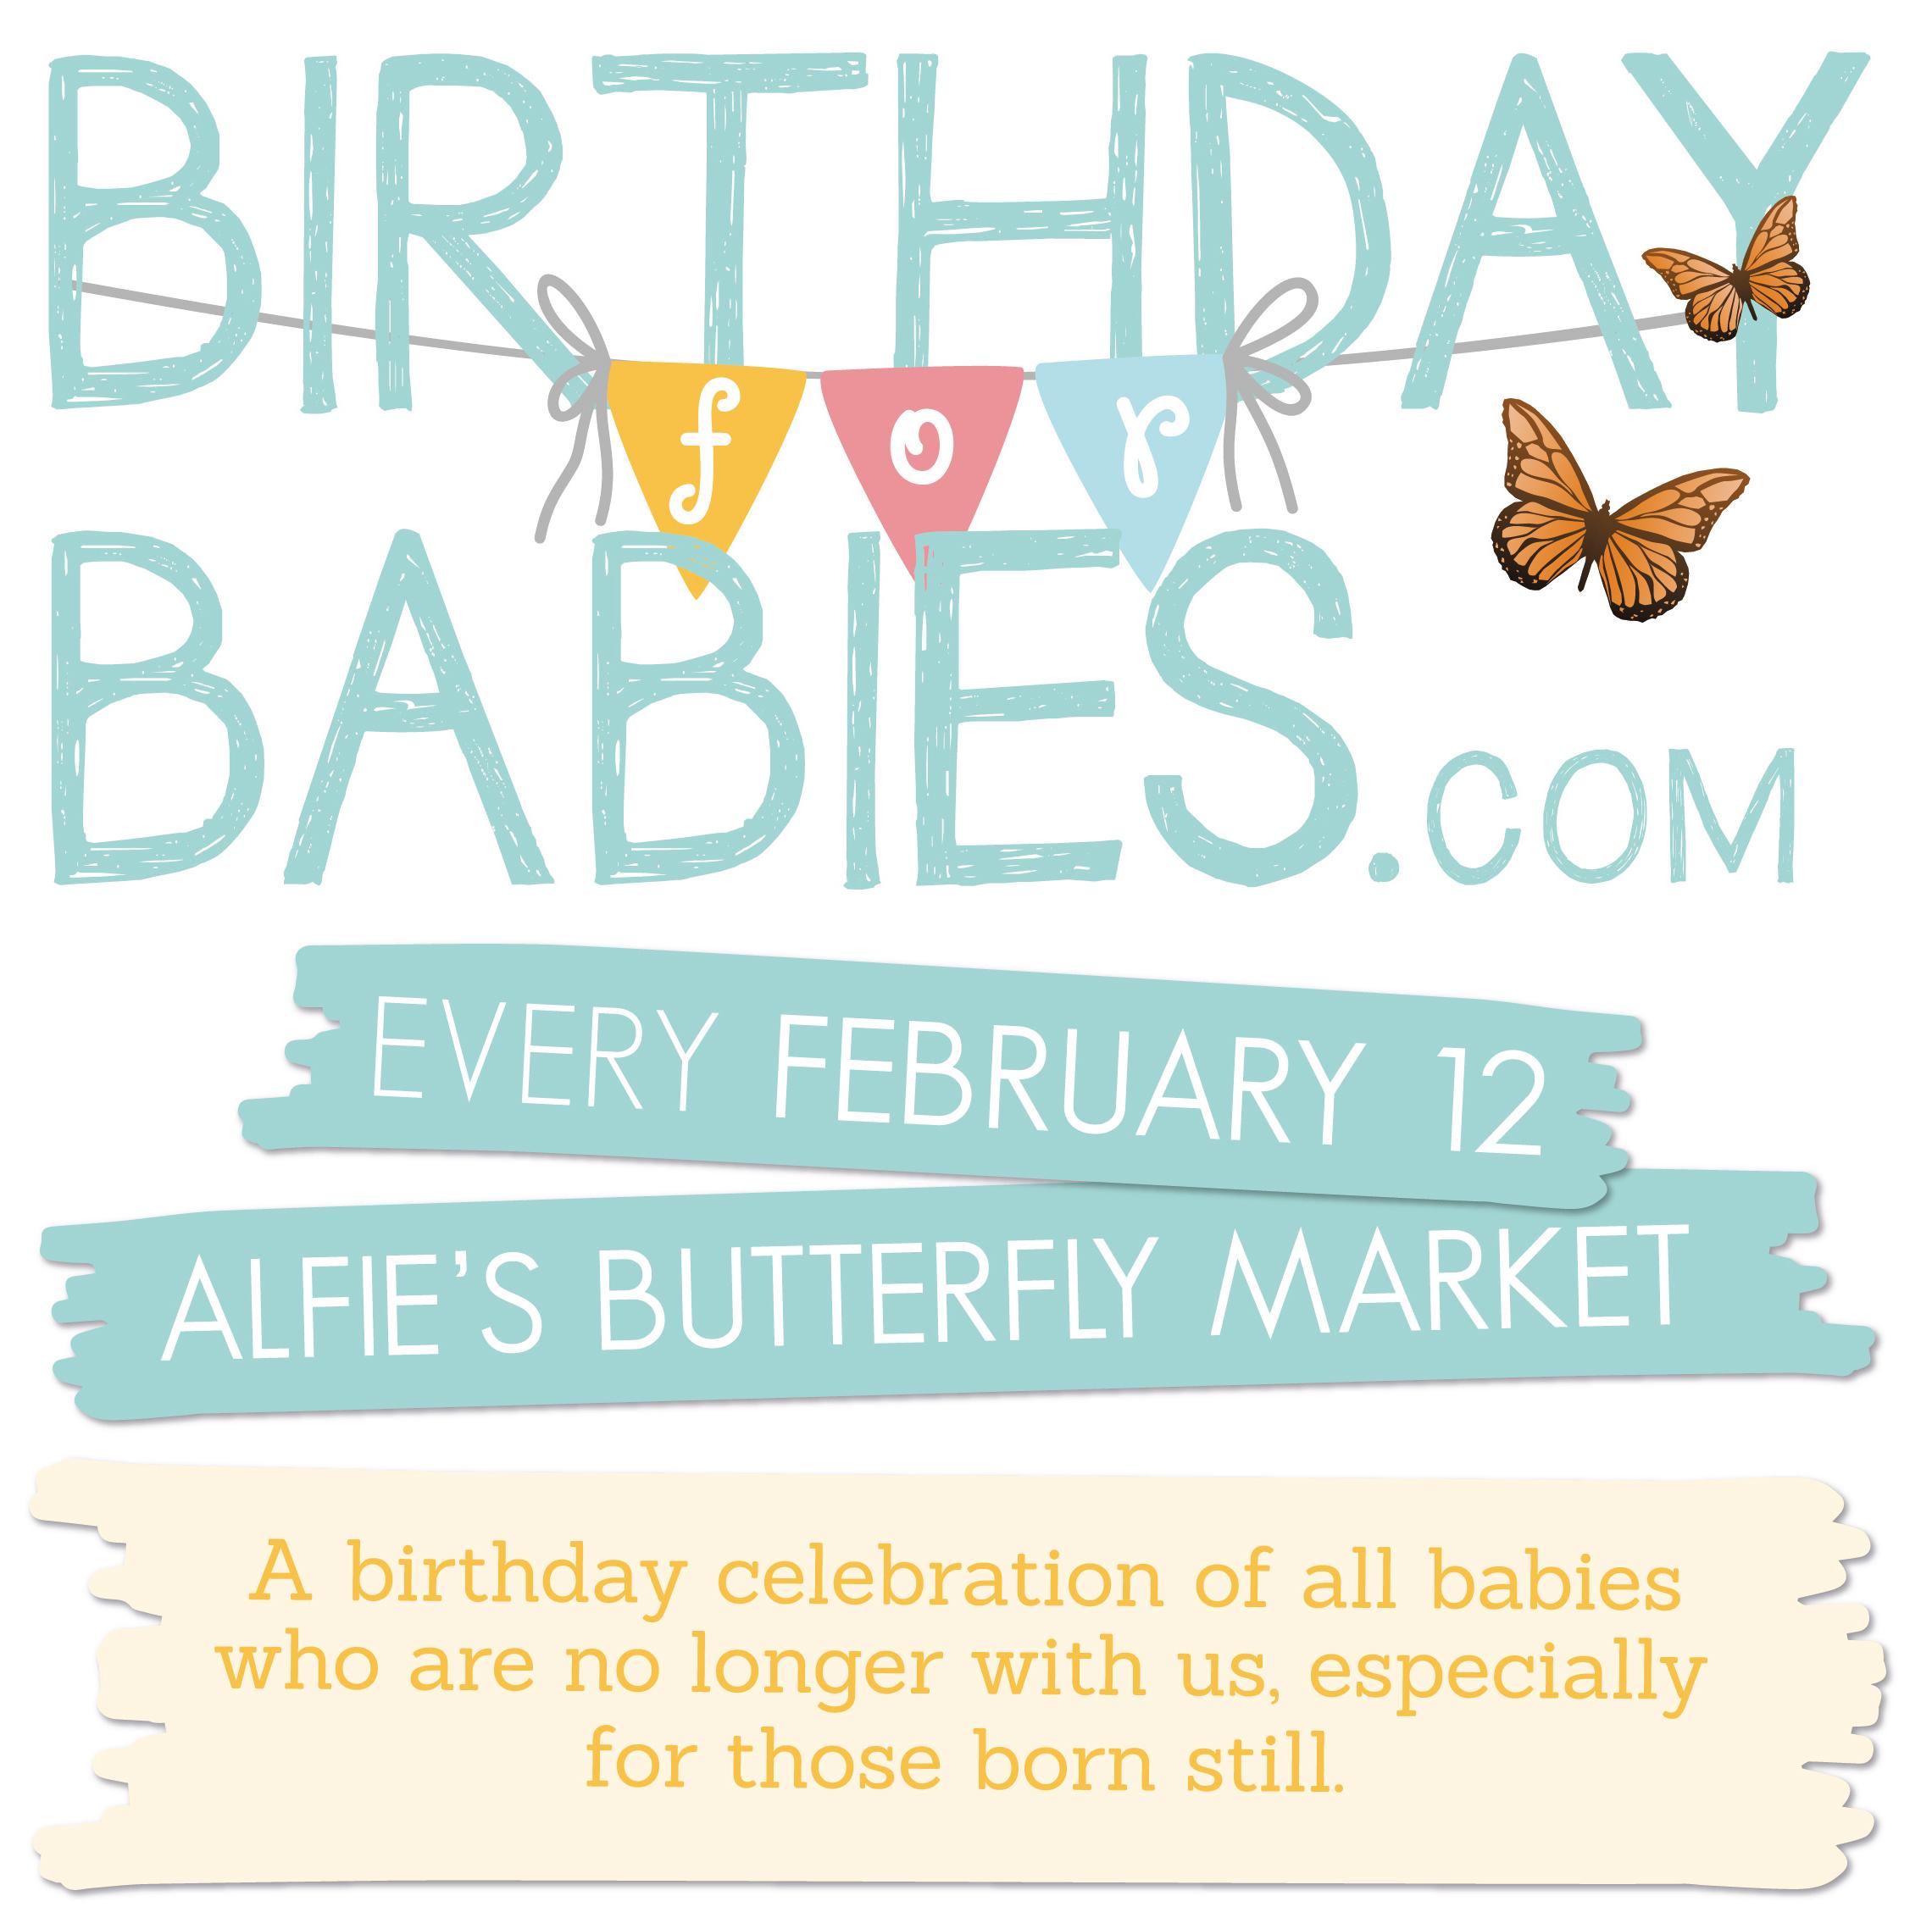 Alfie's Butterfly Market.